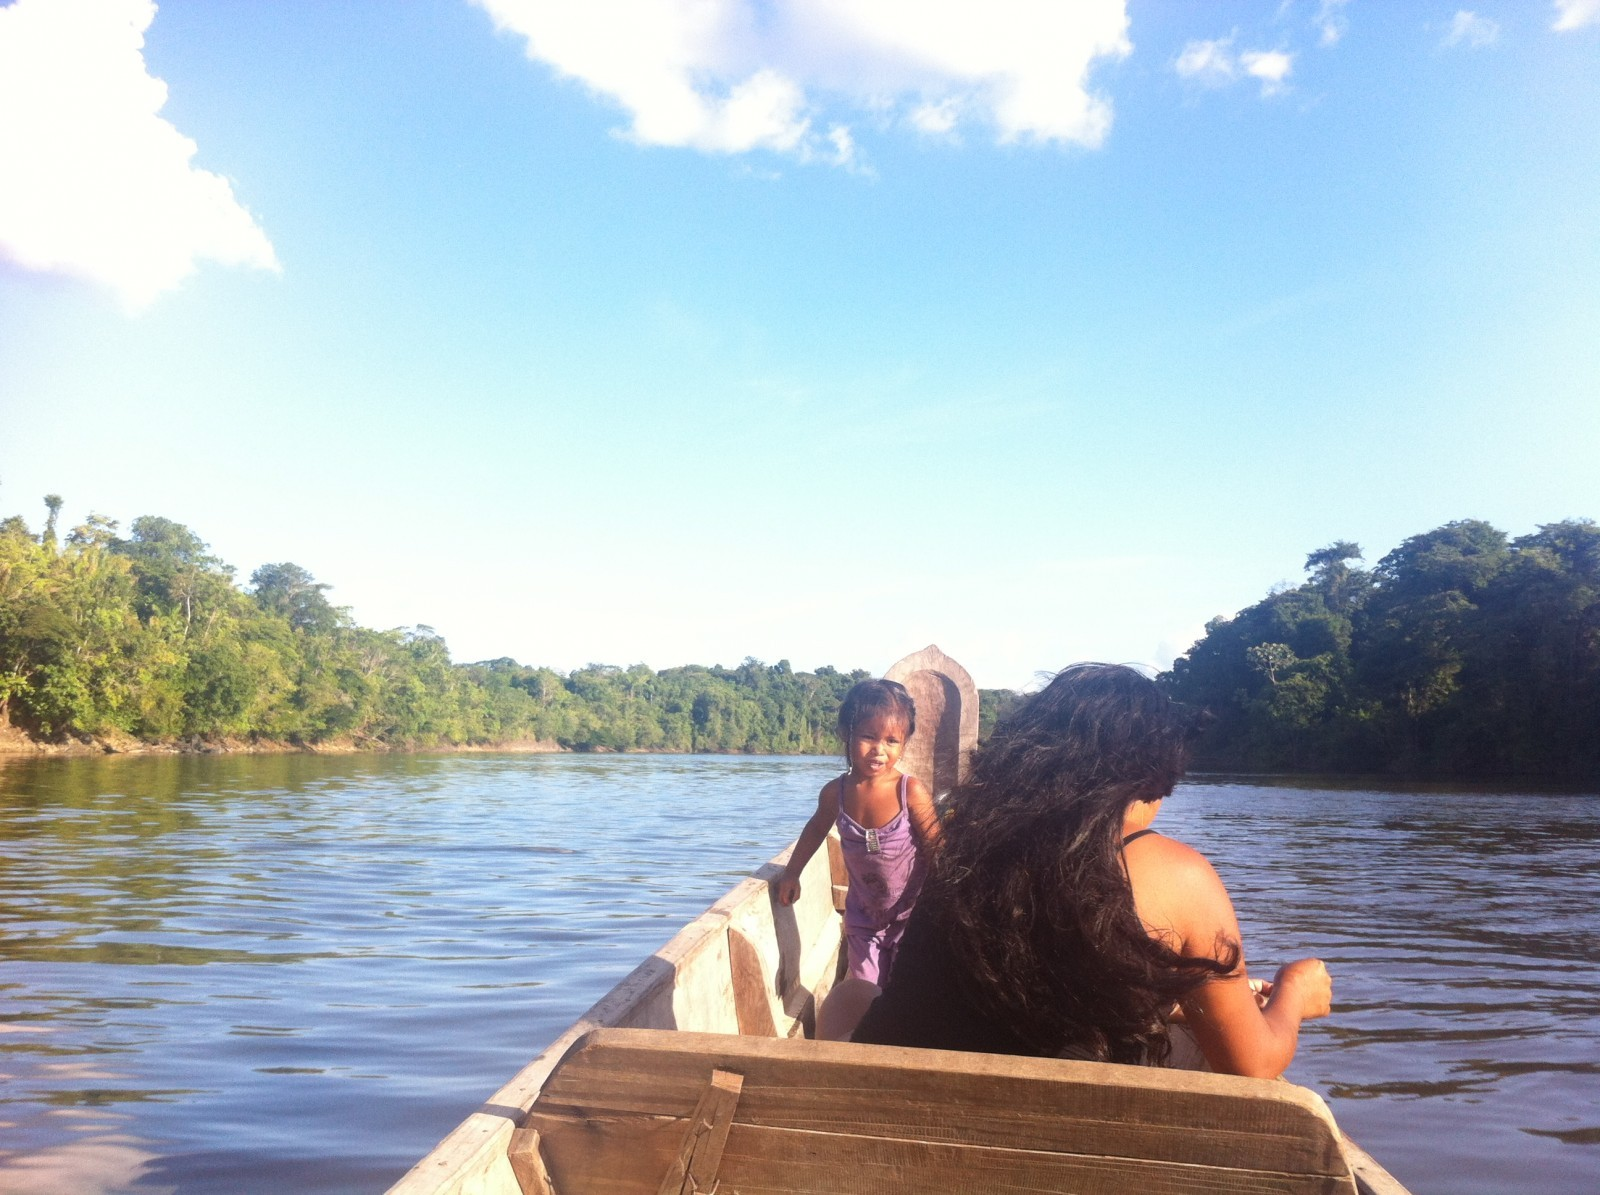 Le fleuve Maroni marquant la frontière entre la Guyane et le Suriname en